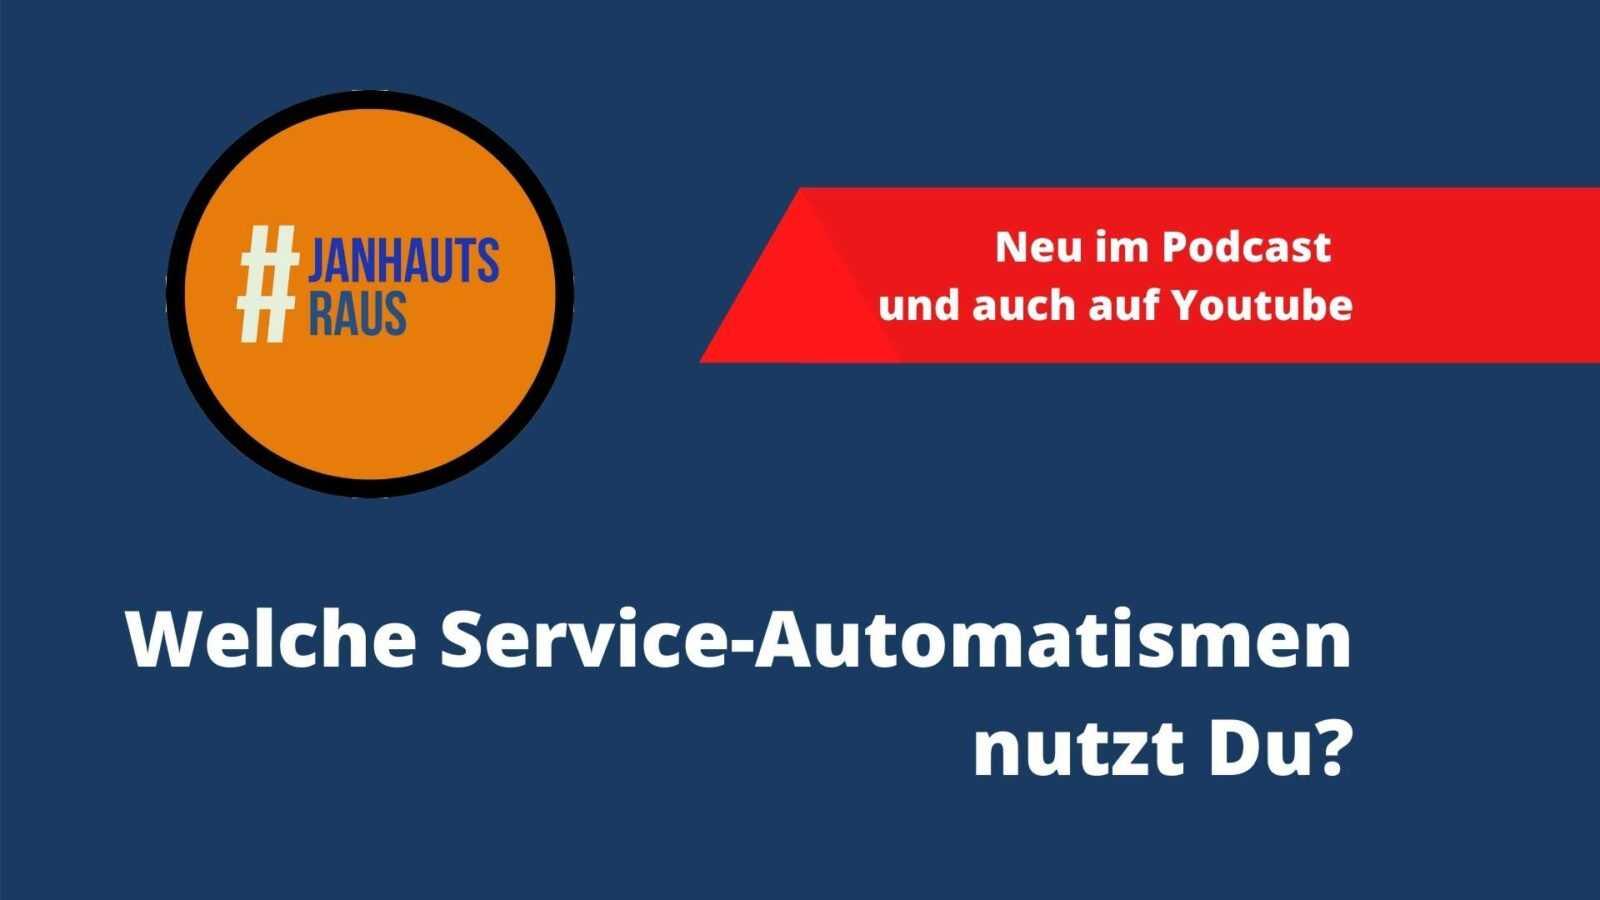 Welche Service-Automatismen nutzt Du #janhauts raus #onlineberatung